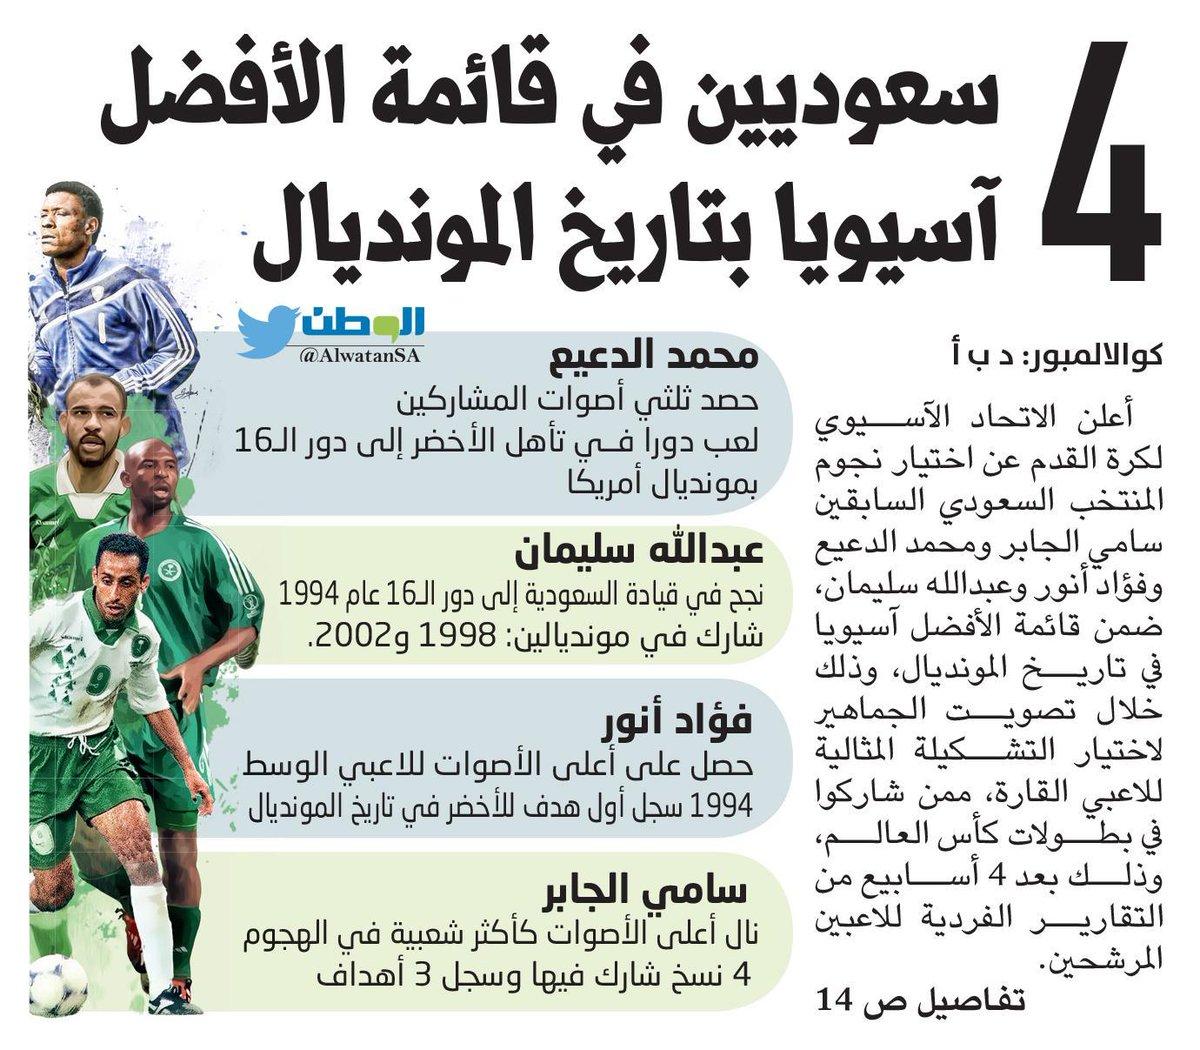 4 سعوديين في قائمة الأفضل بتاريخ #المونديال https://t.co/HhncaCevrv https://t.co/sczvs9LL4x